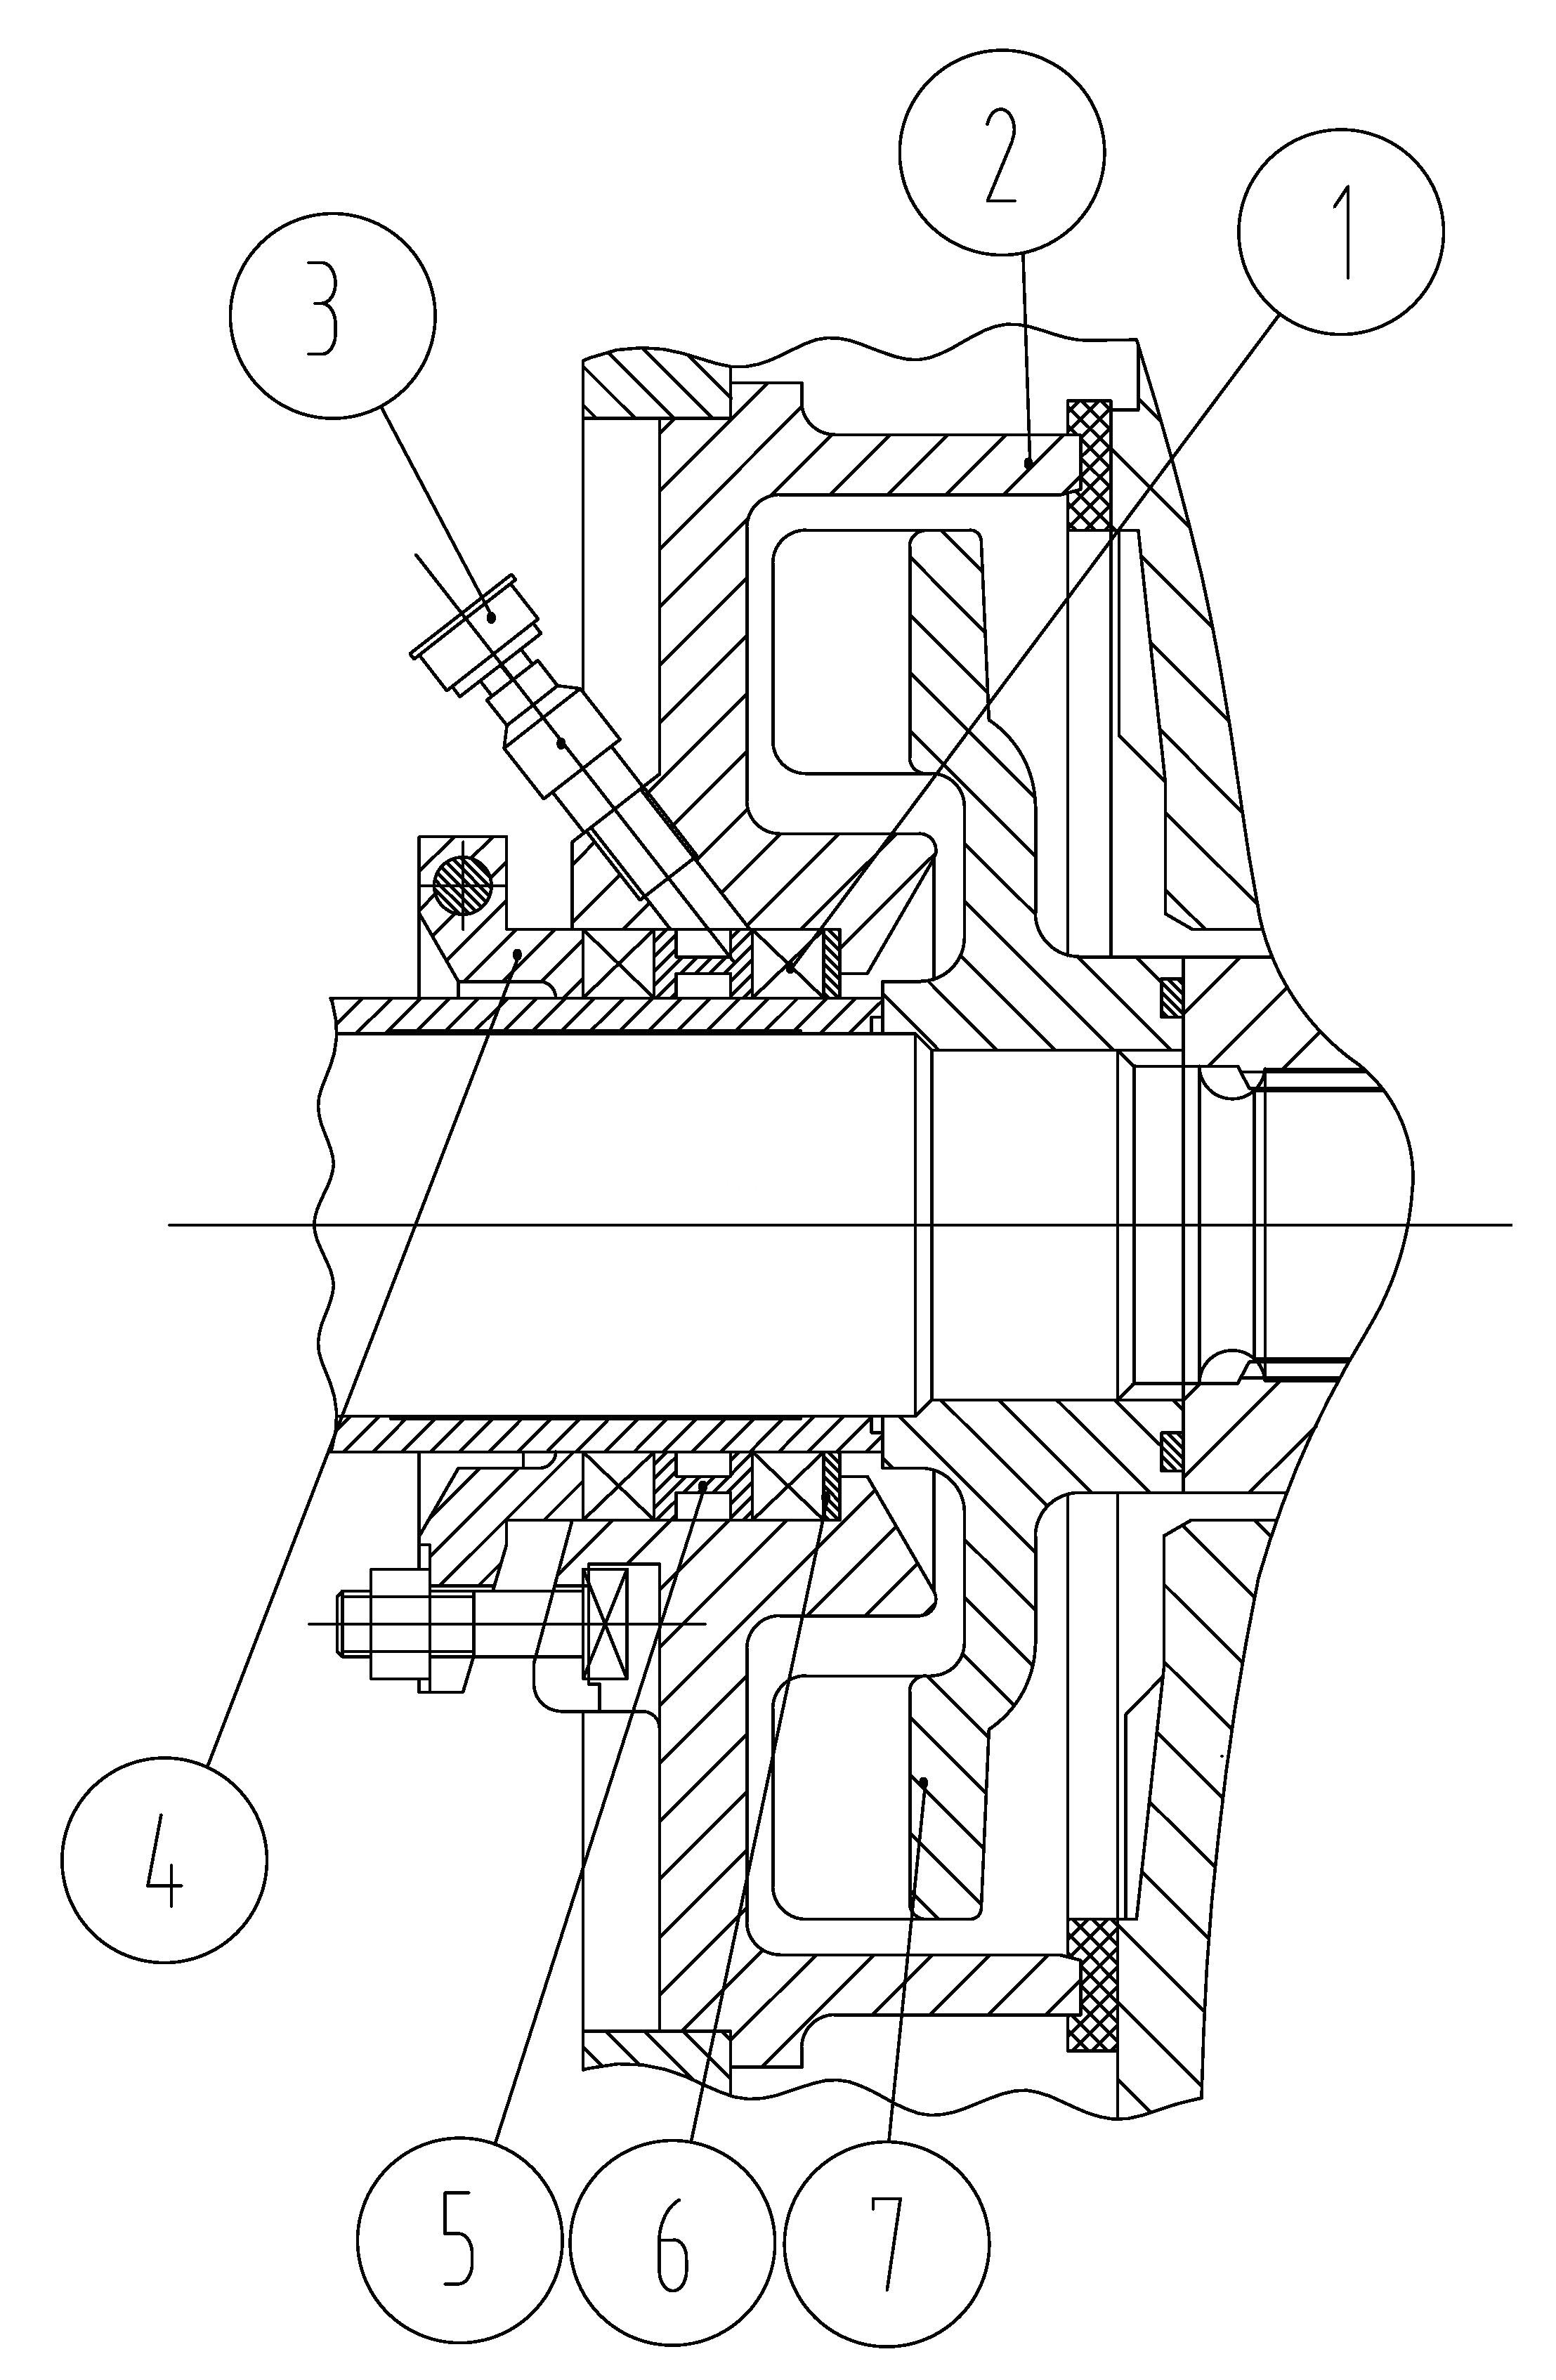 Expeller seal construction